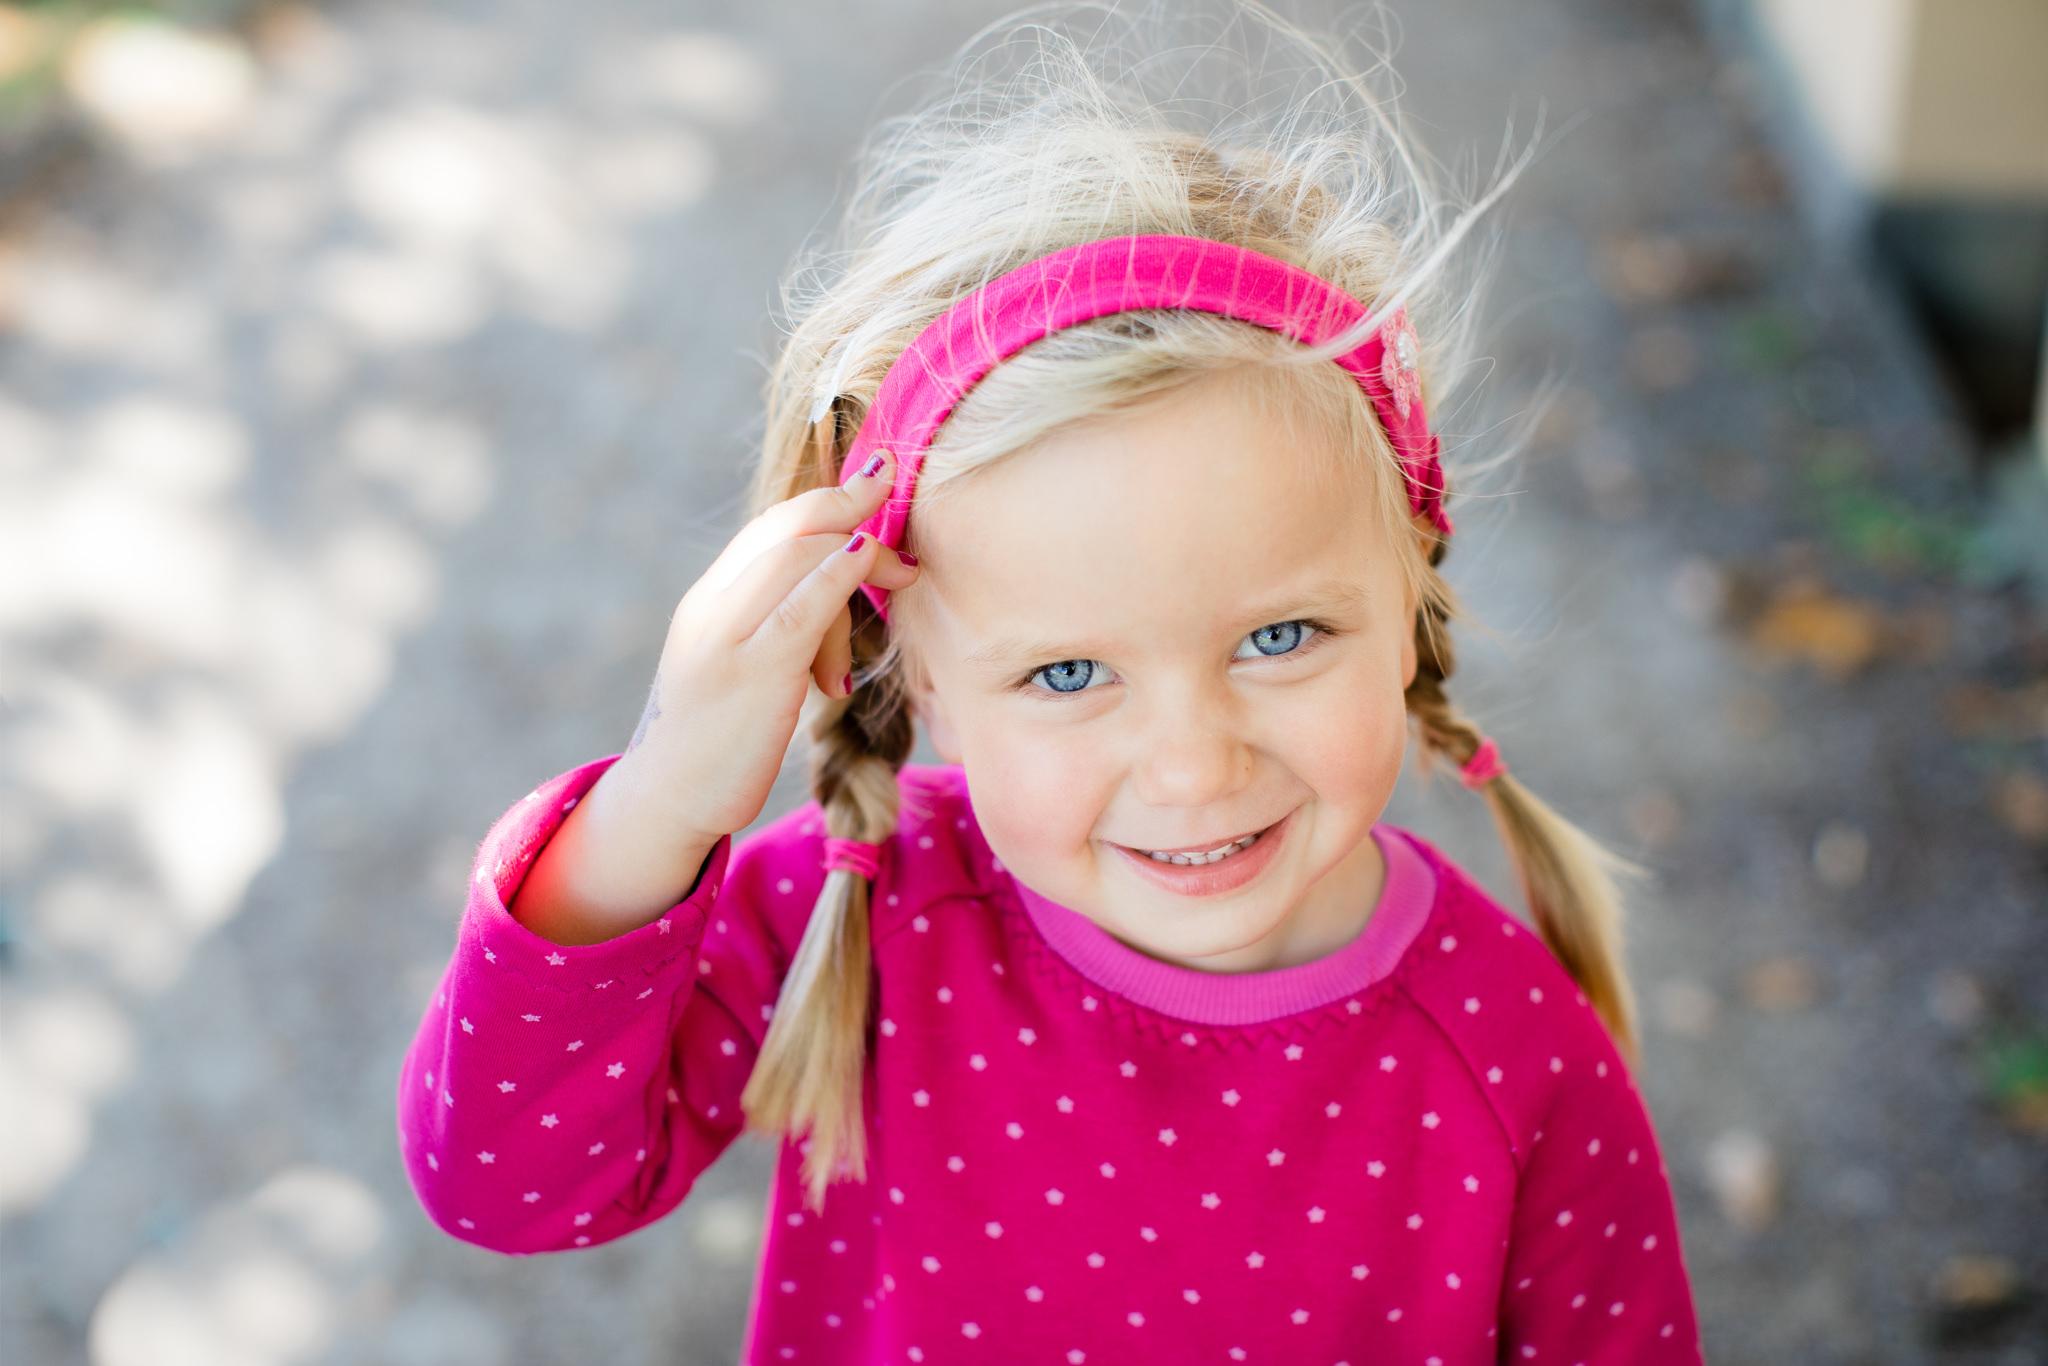 Natürliches Kinderfoto an der frischen Luft - ungestellt und natürlich.